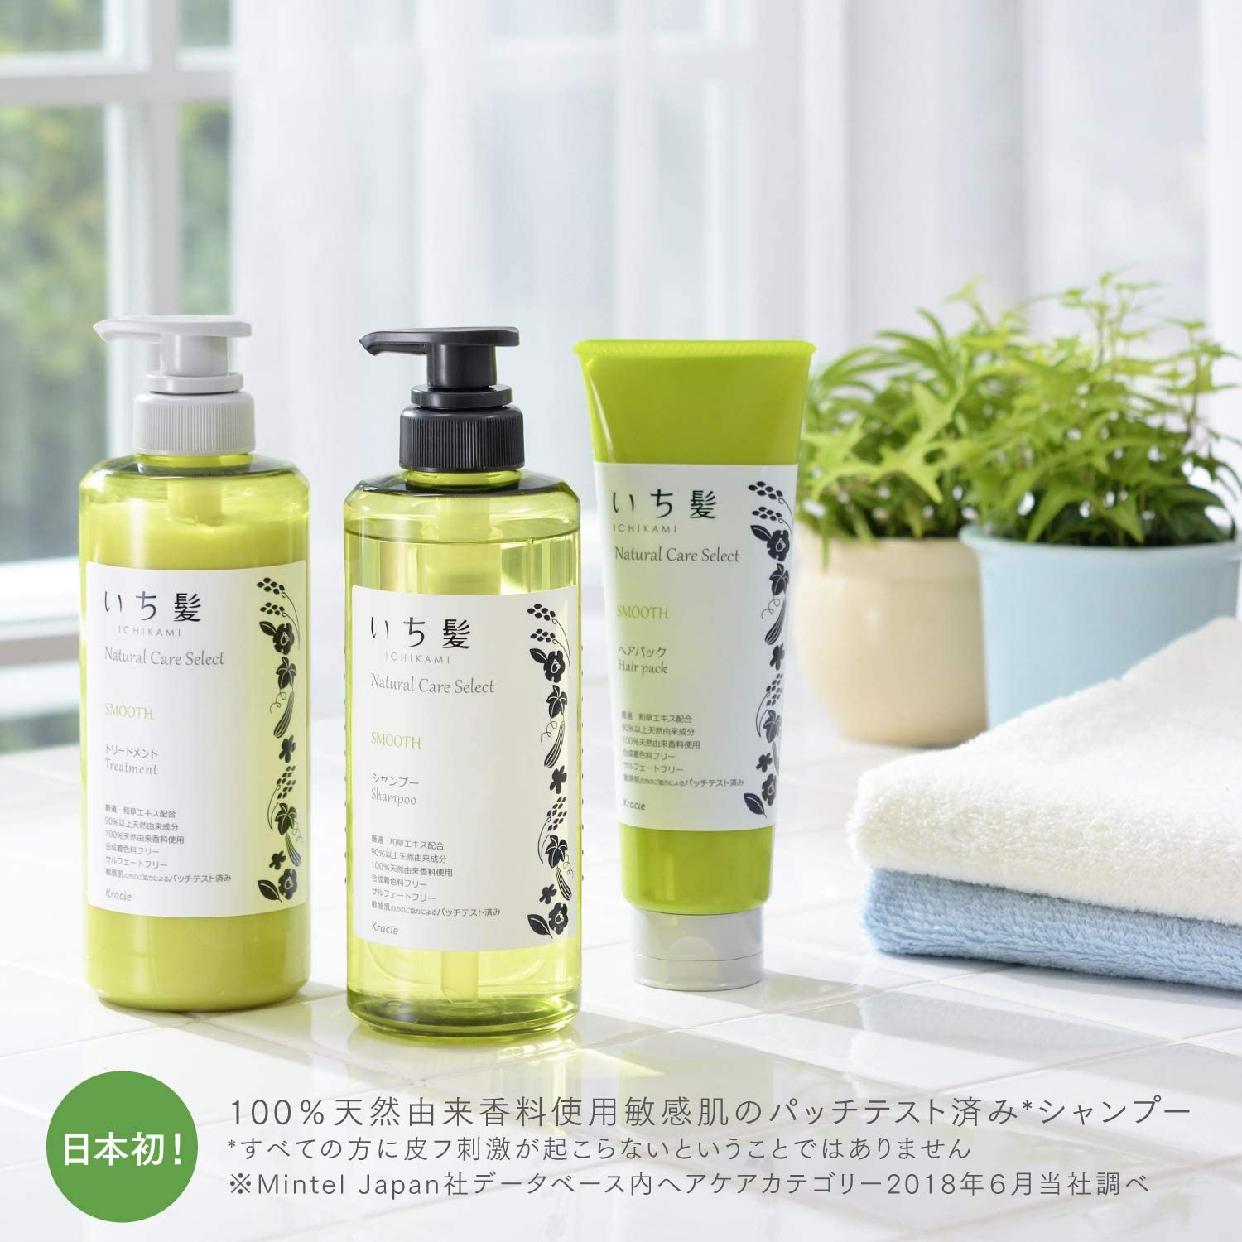 いち髪(ICHIKAMI) ナチュラルケアセレクト スムース シャンプーの商品画像5